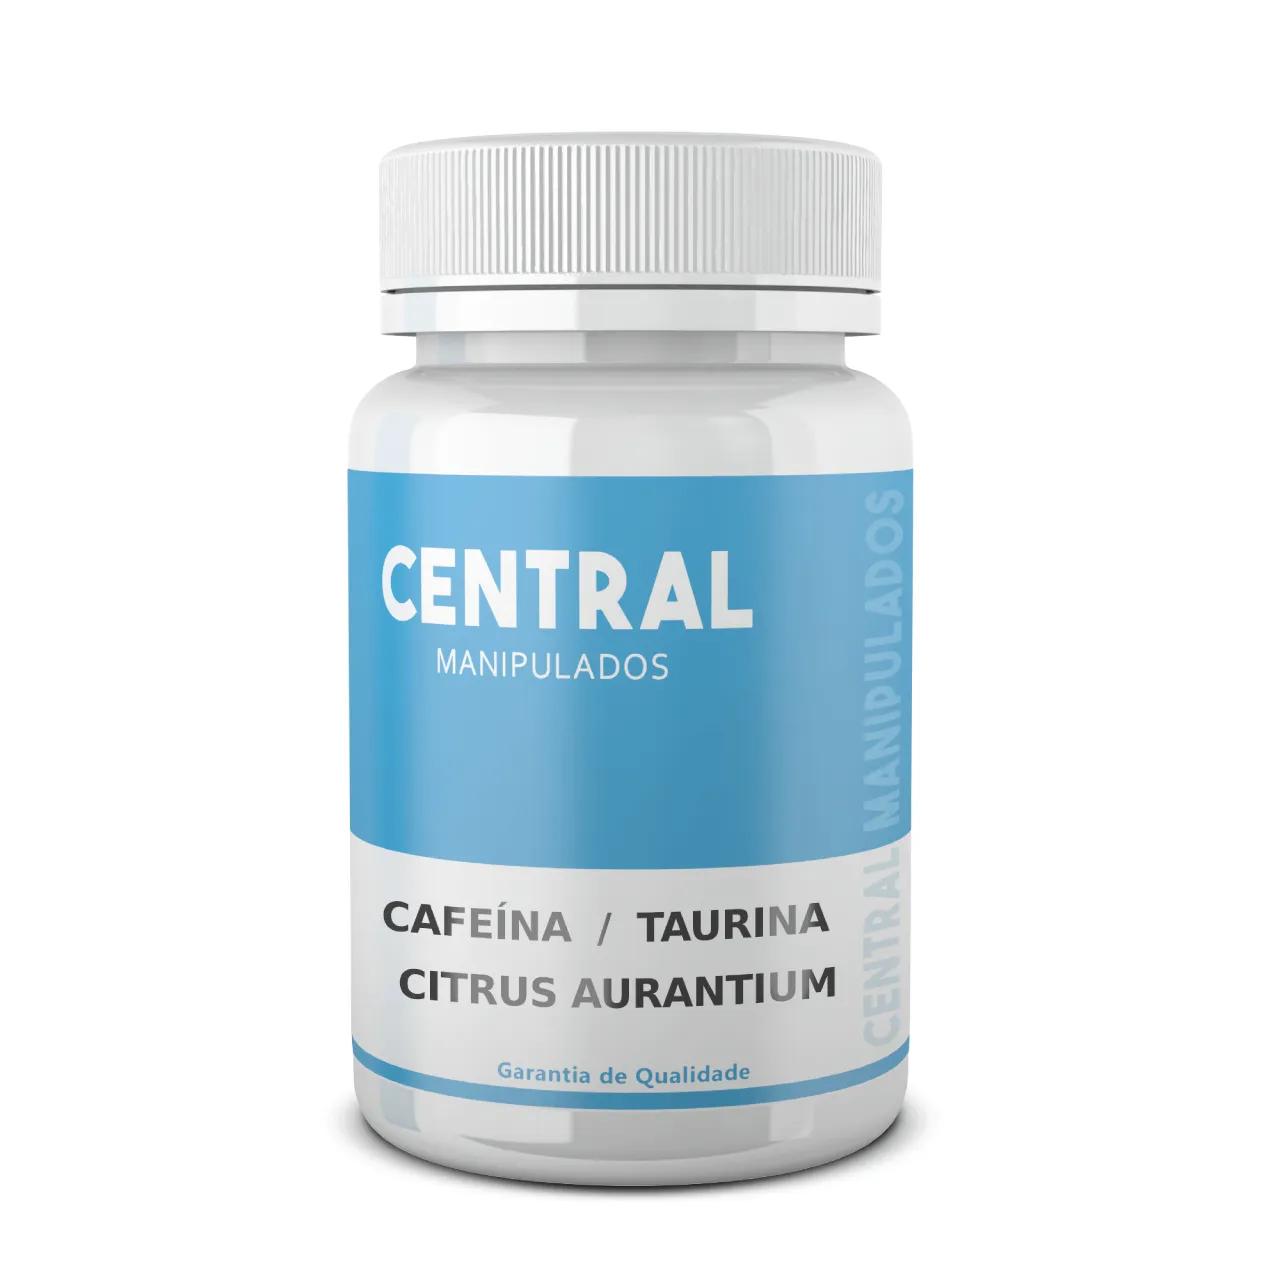 Cafeína 210mg + Taurina 200mg + Citrus Aurantium 100mg - 120 Cápsulas - Termogênico Turbinado